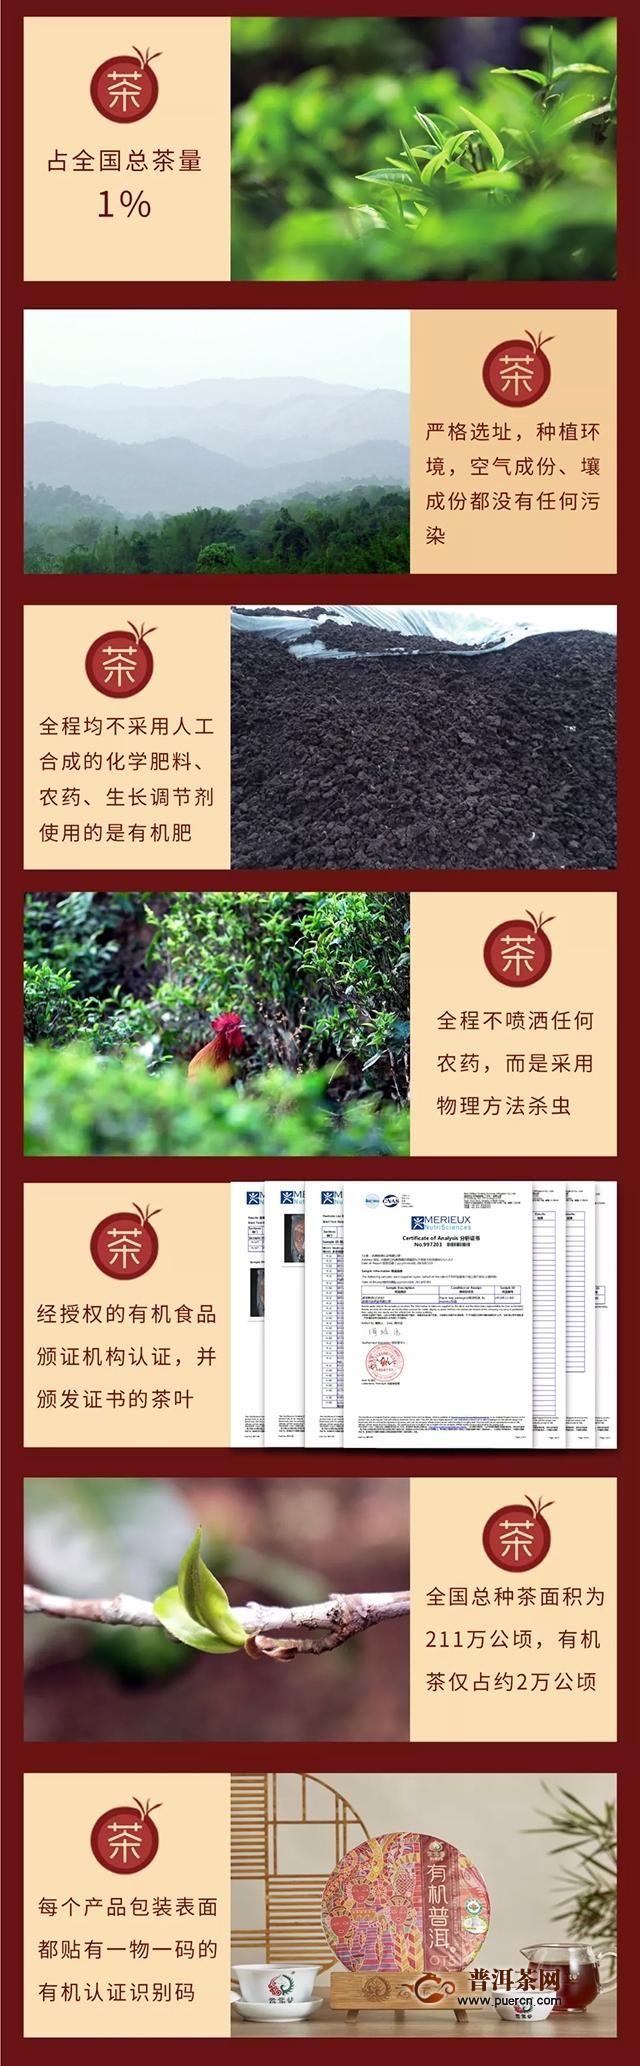 有机健康  有机生活,云元谷有机茶